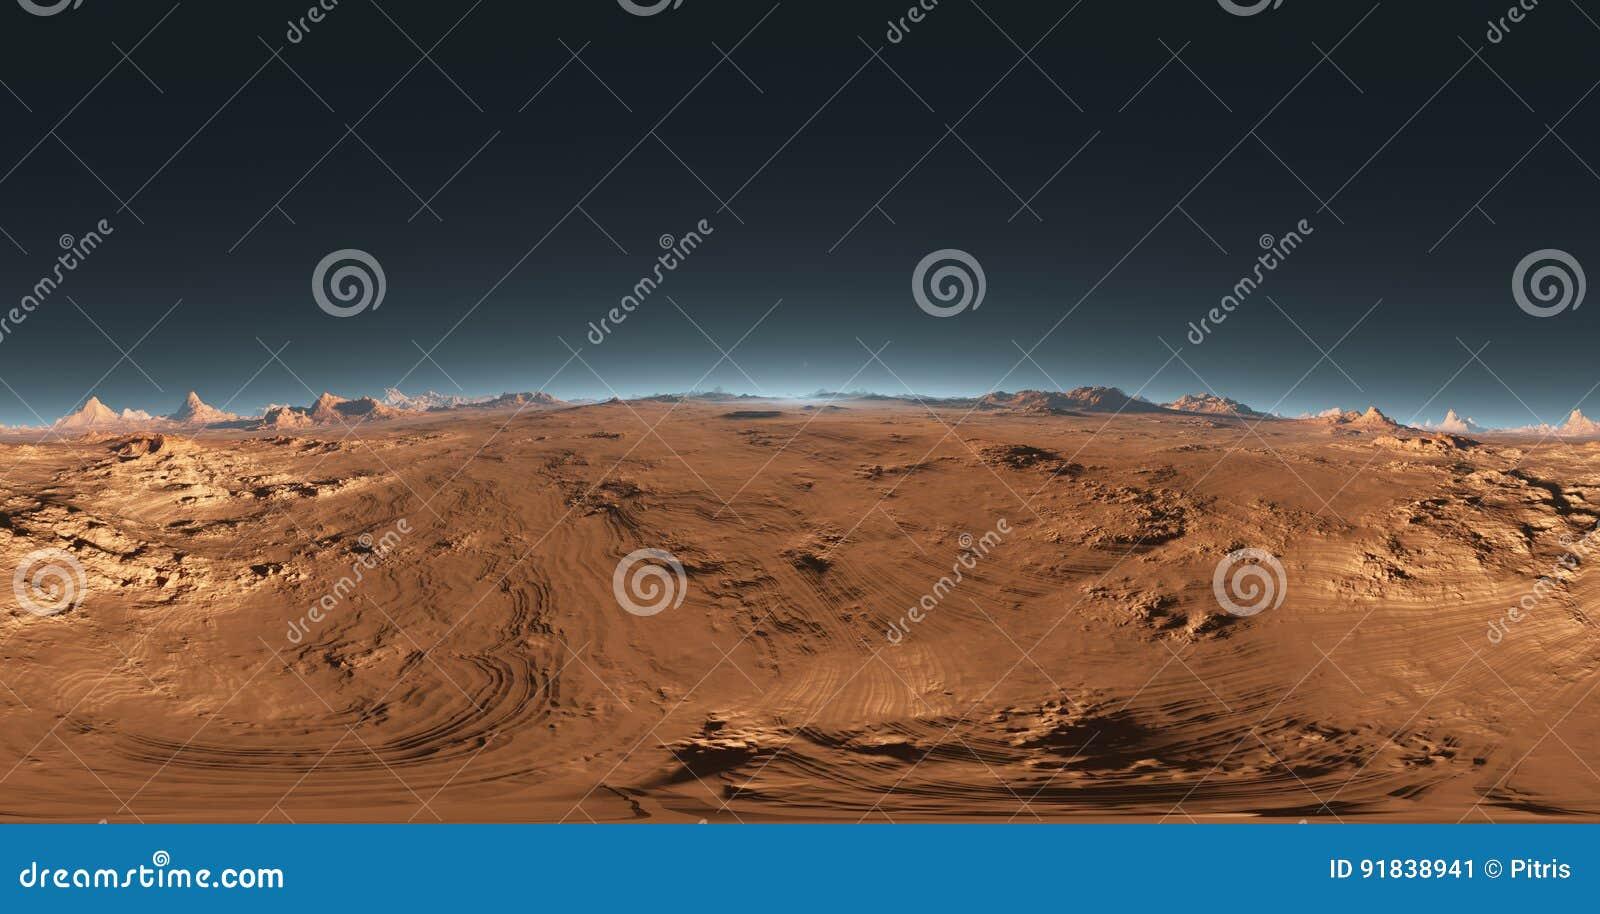 Panorama de la puesta del sol de Marte, mapa del ambiente HDRI Proyección de Equirectangular, panorama esférico Paisaje marciano